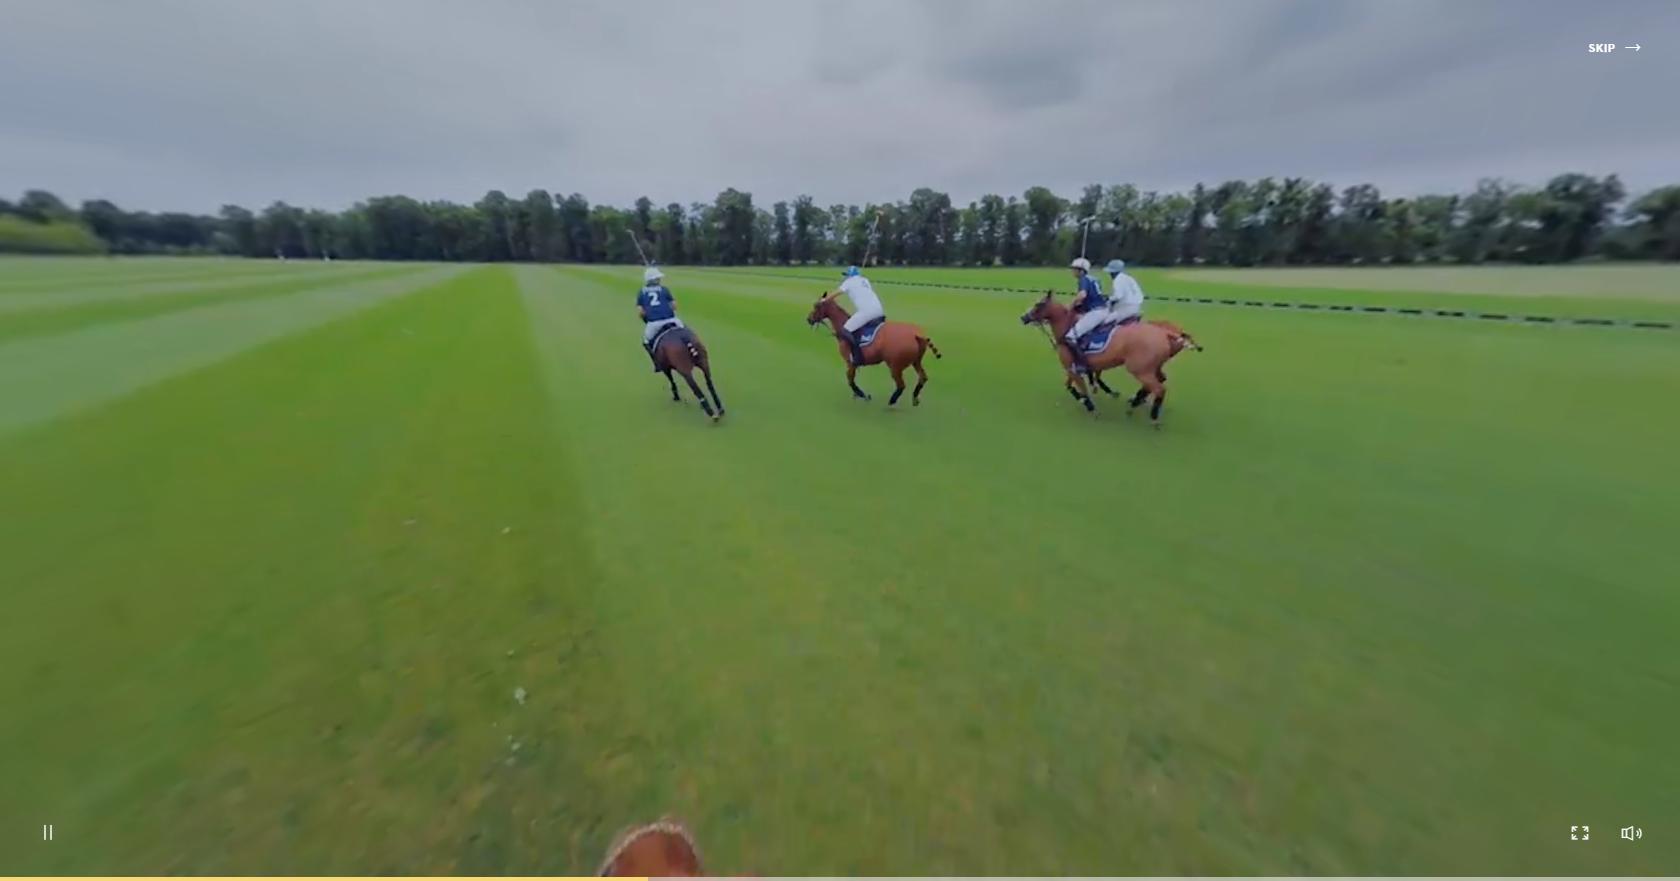 screencapture-polo-experience-piaget-com-video-360-1469549195941